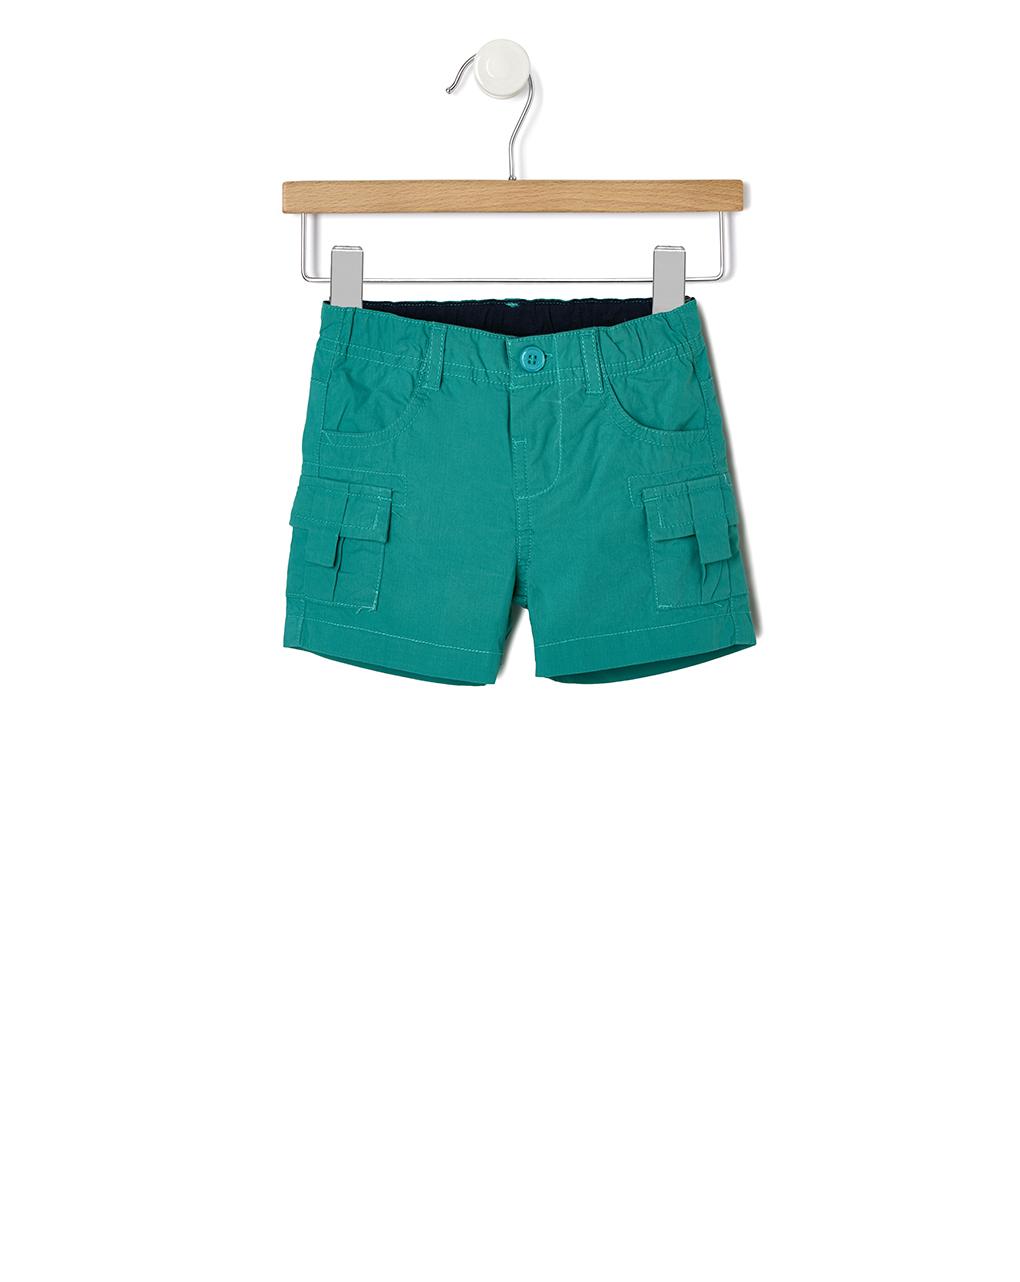 Βερμούδα Πράσινη με Τσέπες για Αγόρι